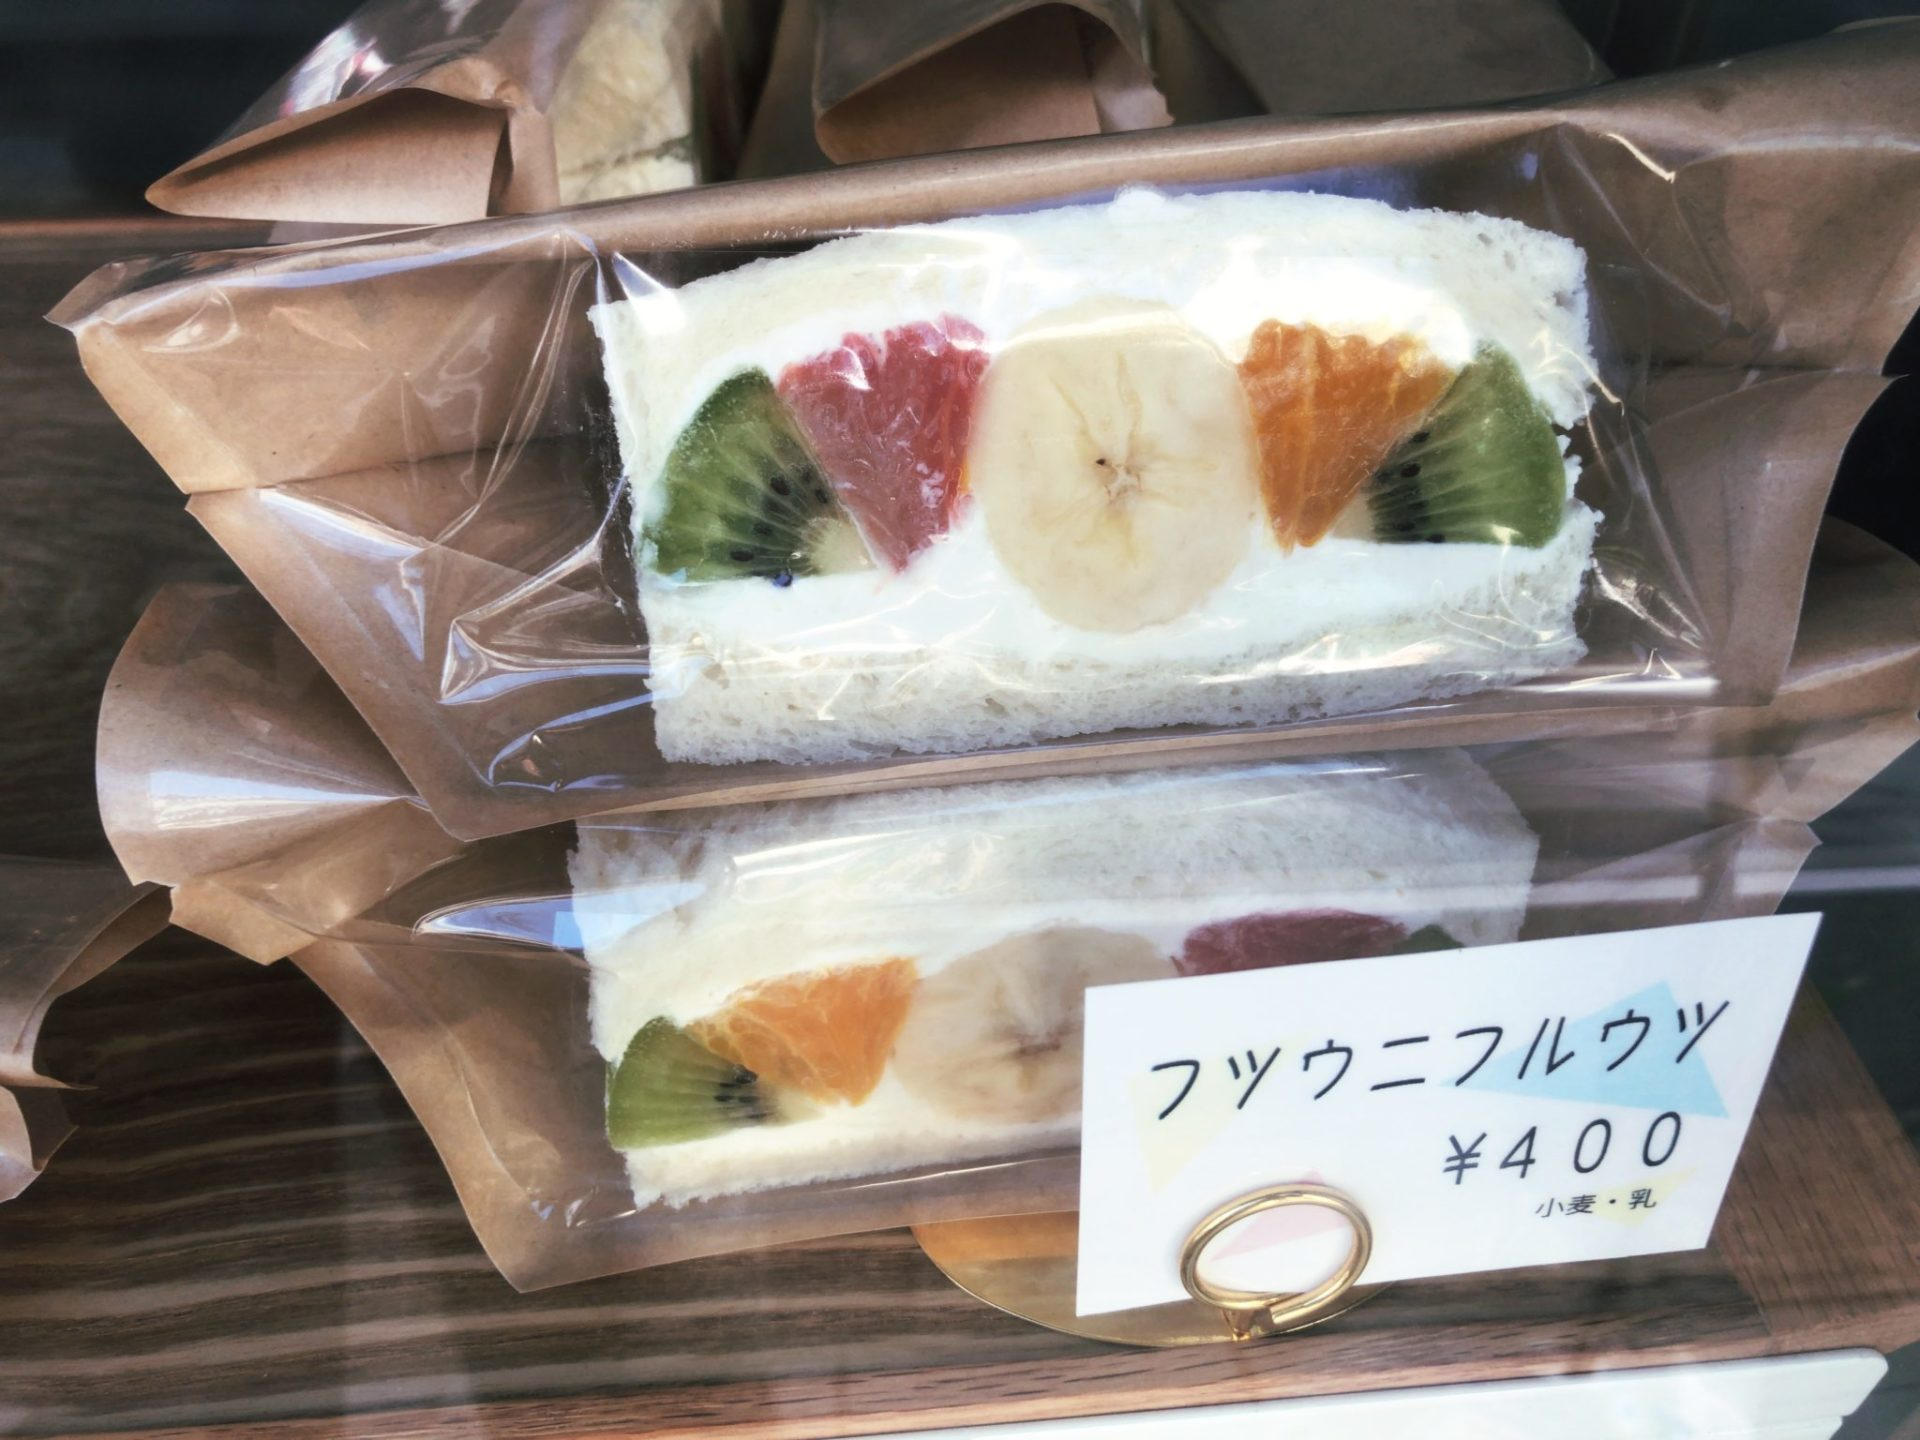 フツウニフルウツのサンドイッチメニュー